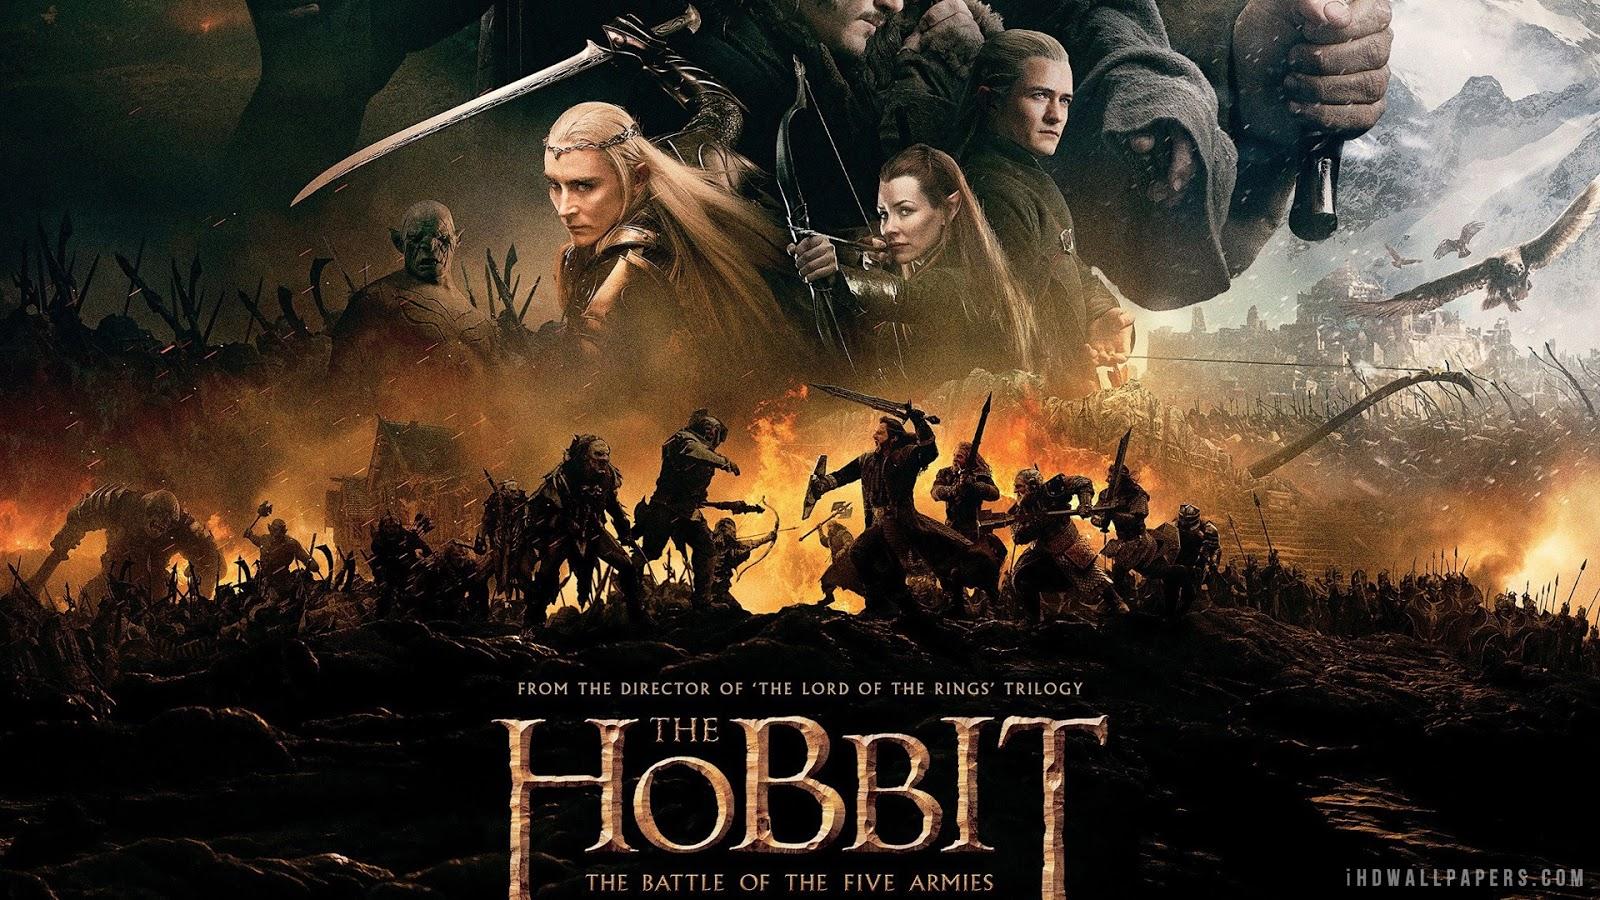 Link xem: http://aphim.tv/phim/nguoi-hobbit-3-dai-chien-5-canh-quan -hobbit-battle-five-armies-2014.html. Chúc các bạn xem phim vui vẻ nhé!